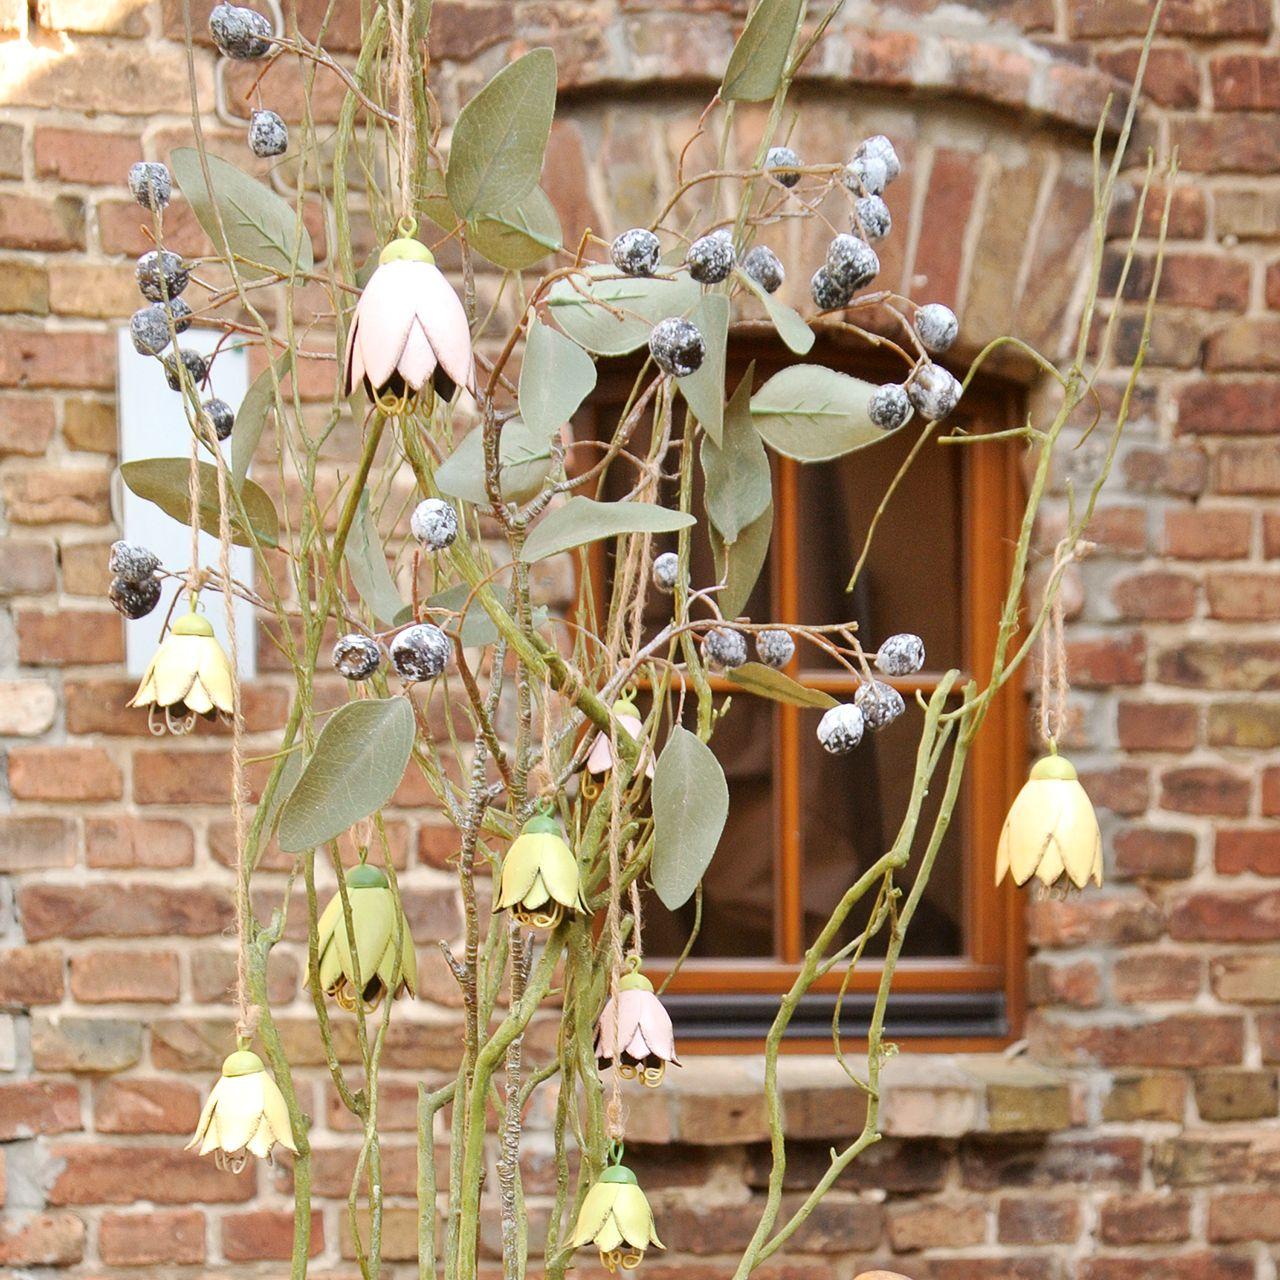 Hängedeko Dekohänger Fensterdeko Holz Schmetterling Sommer rosa blau weiß